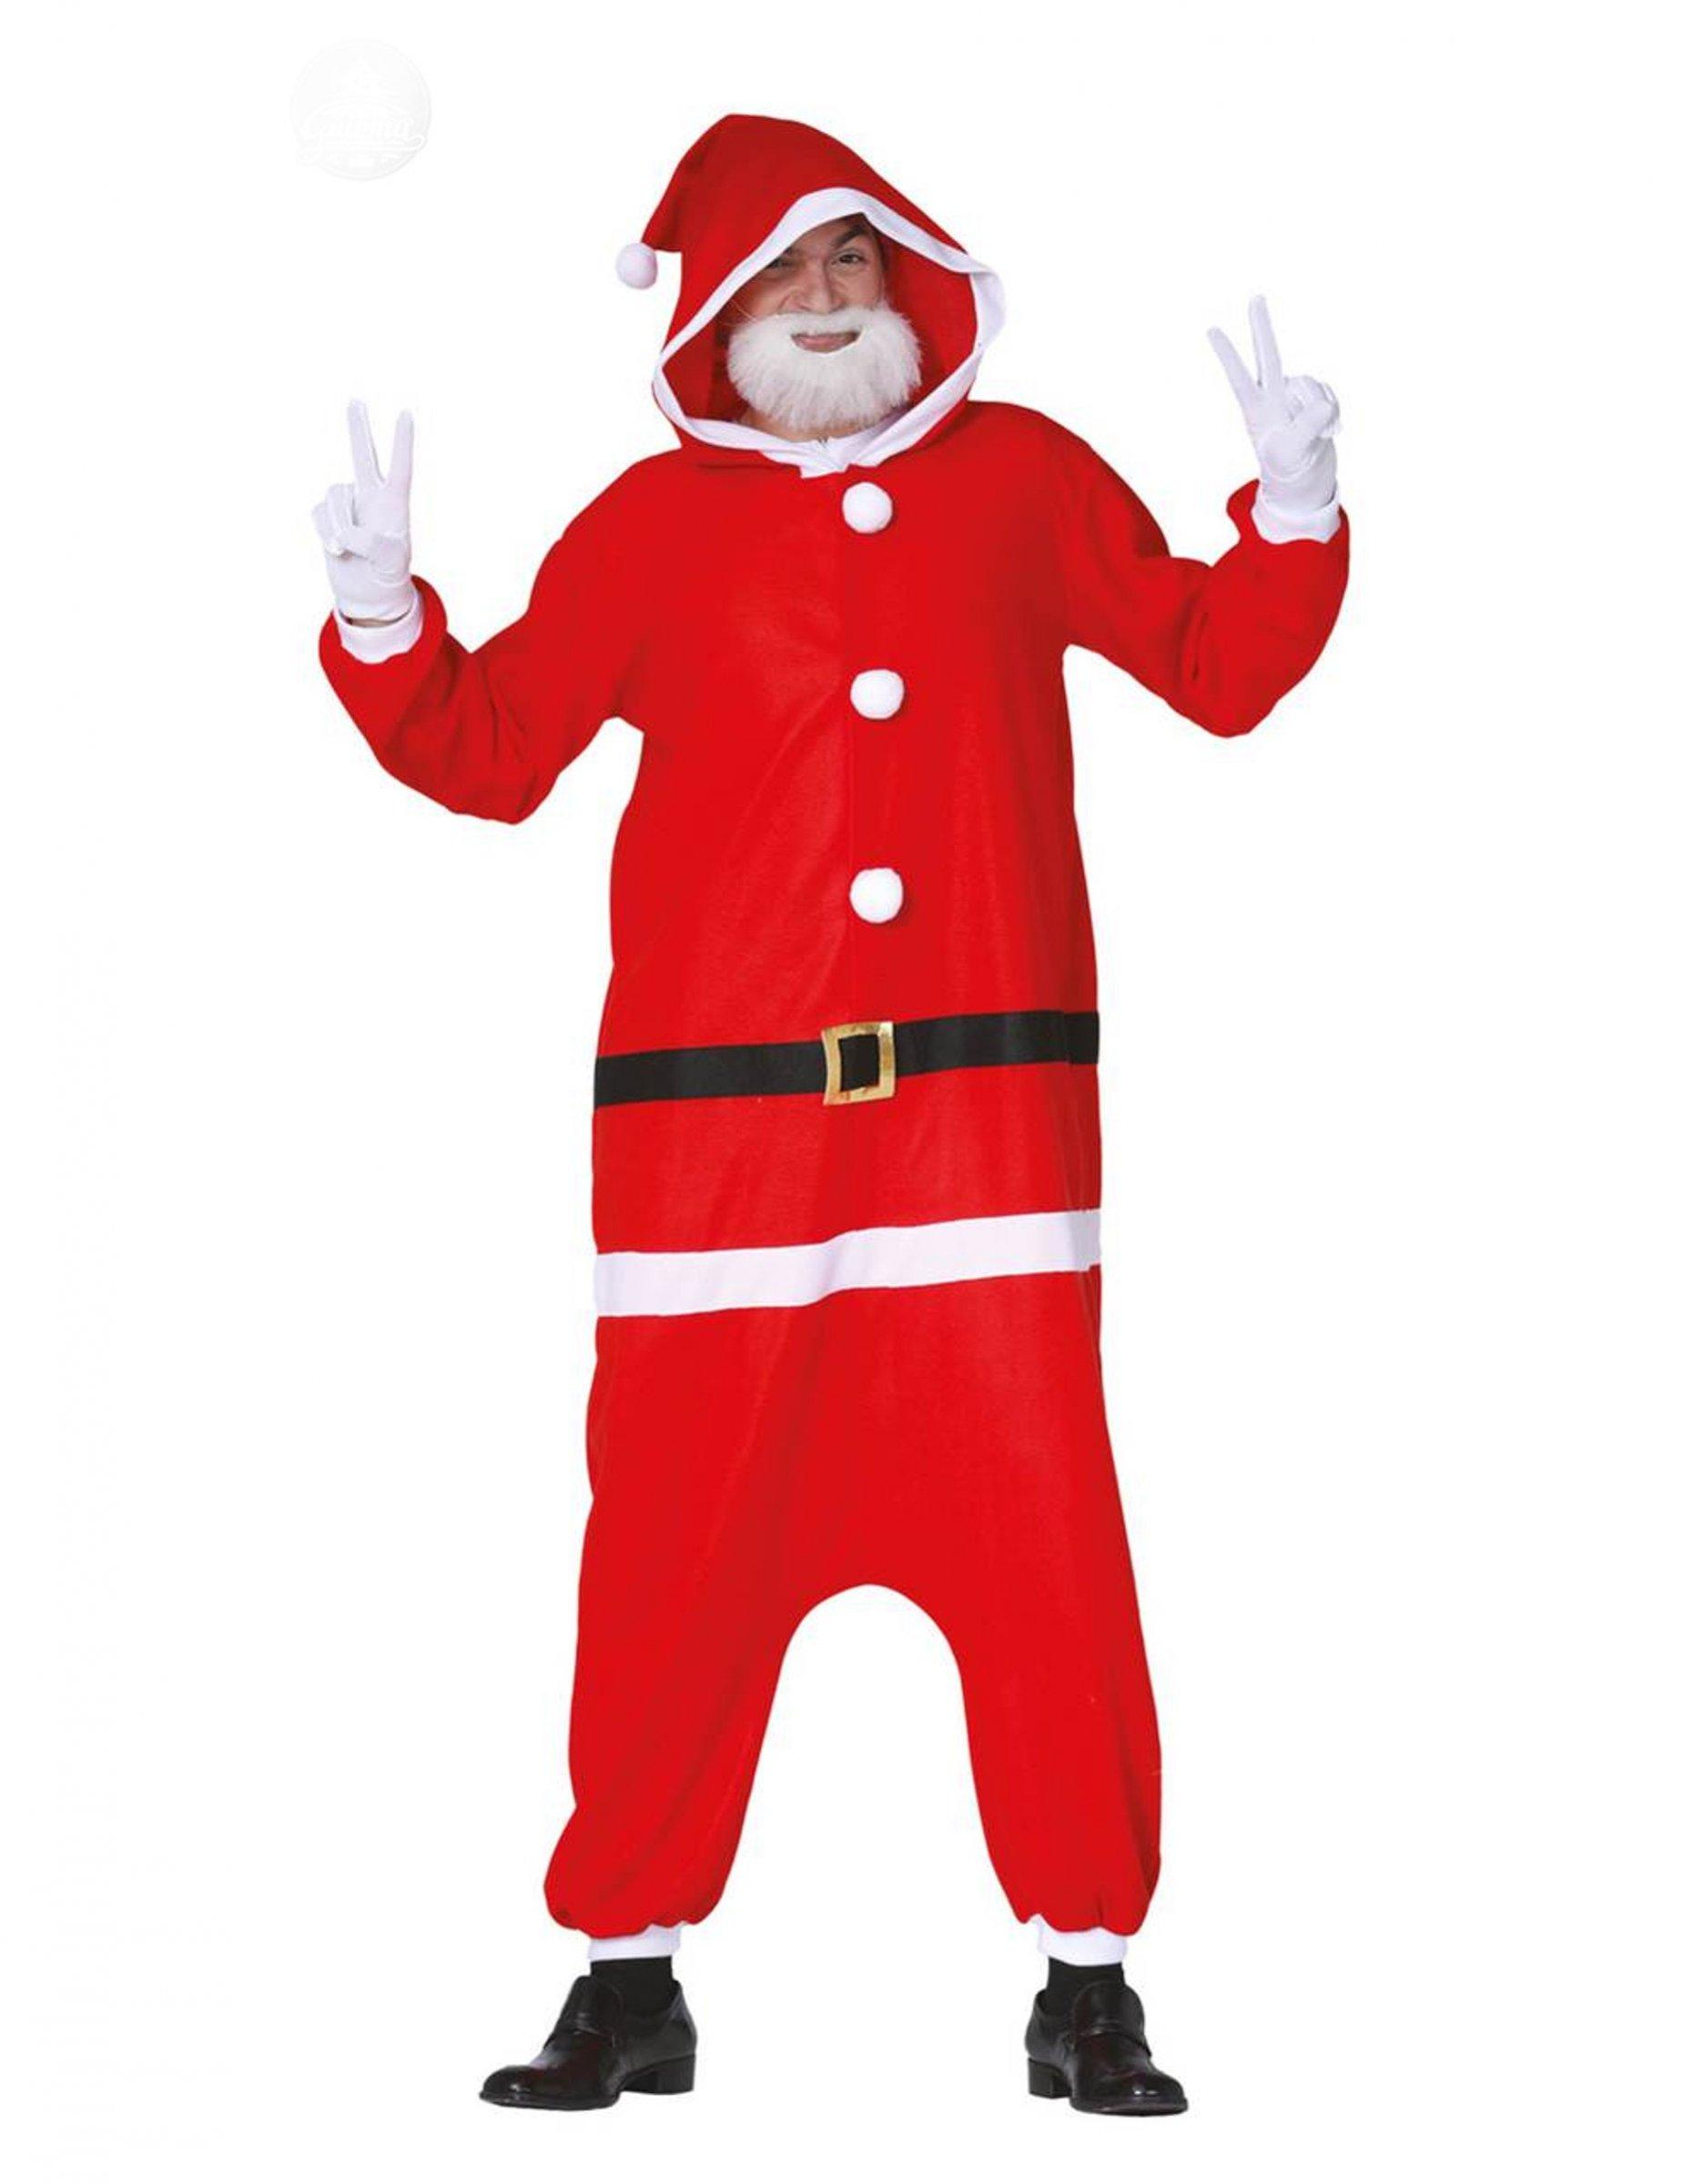 Weihnachtsmann-Overall für Erwachsene Pyjama-Einteiler rot-weiss - L (42-44) 297229